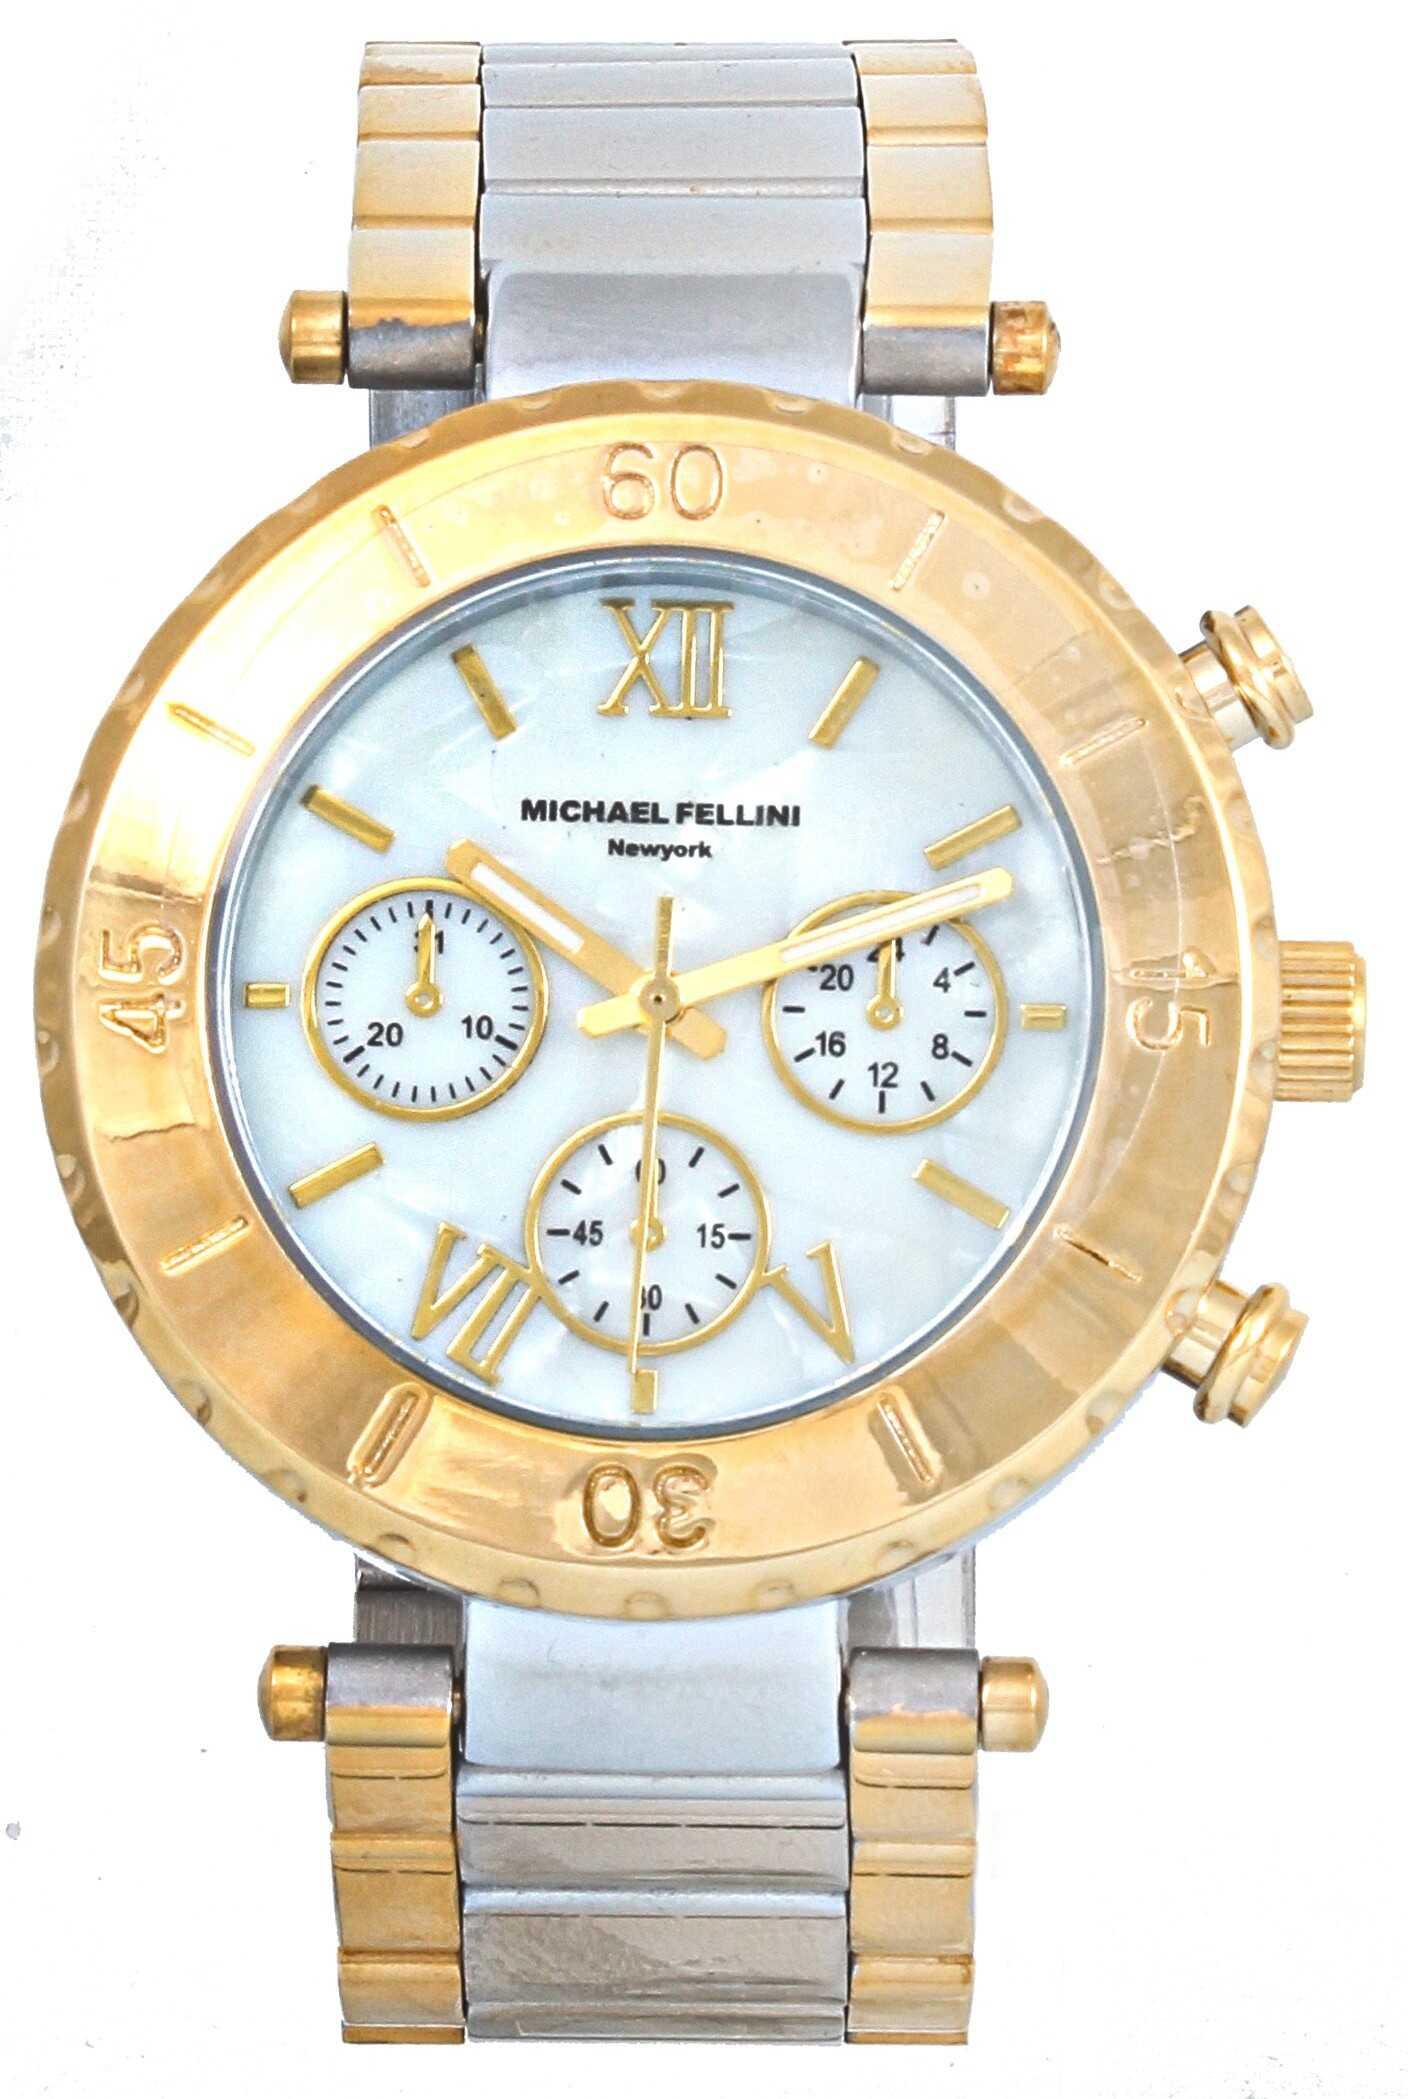 Michael Fellini 1067F3 N/A